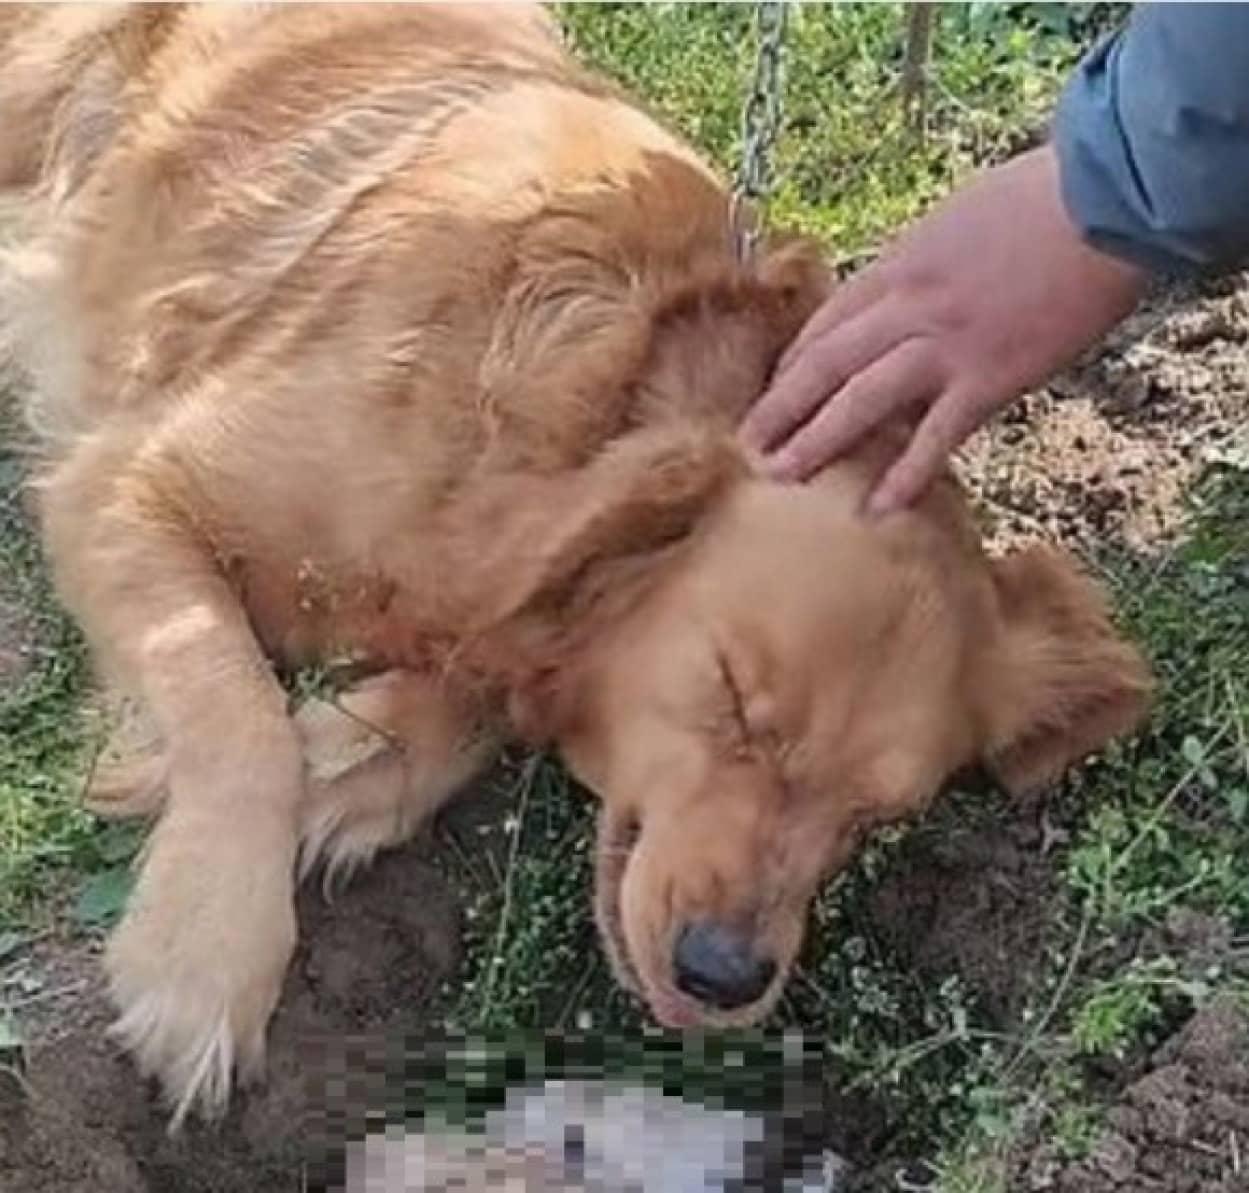 我が子の死が受け入れられず、墓に埋められた子を掘り起こそうとする母犬cover_e0